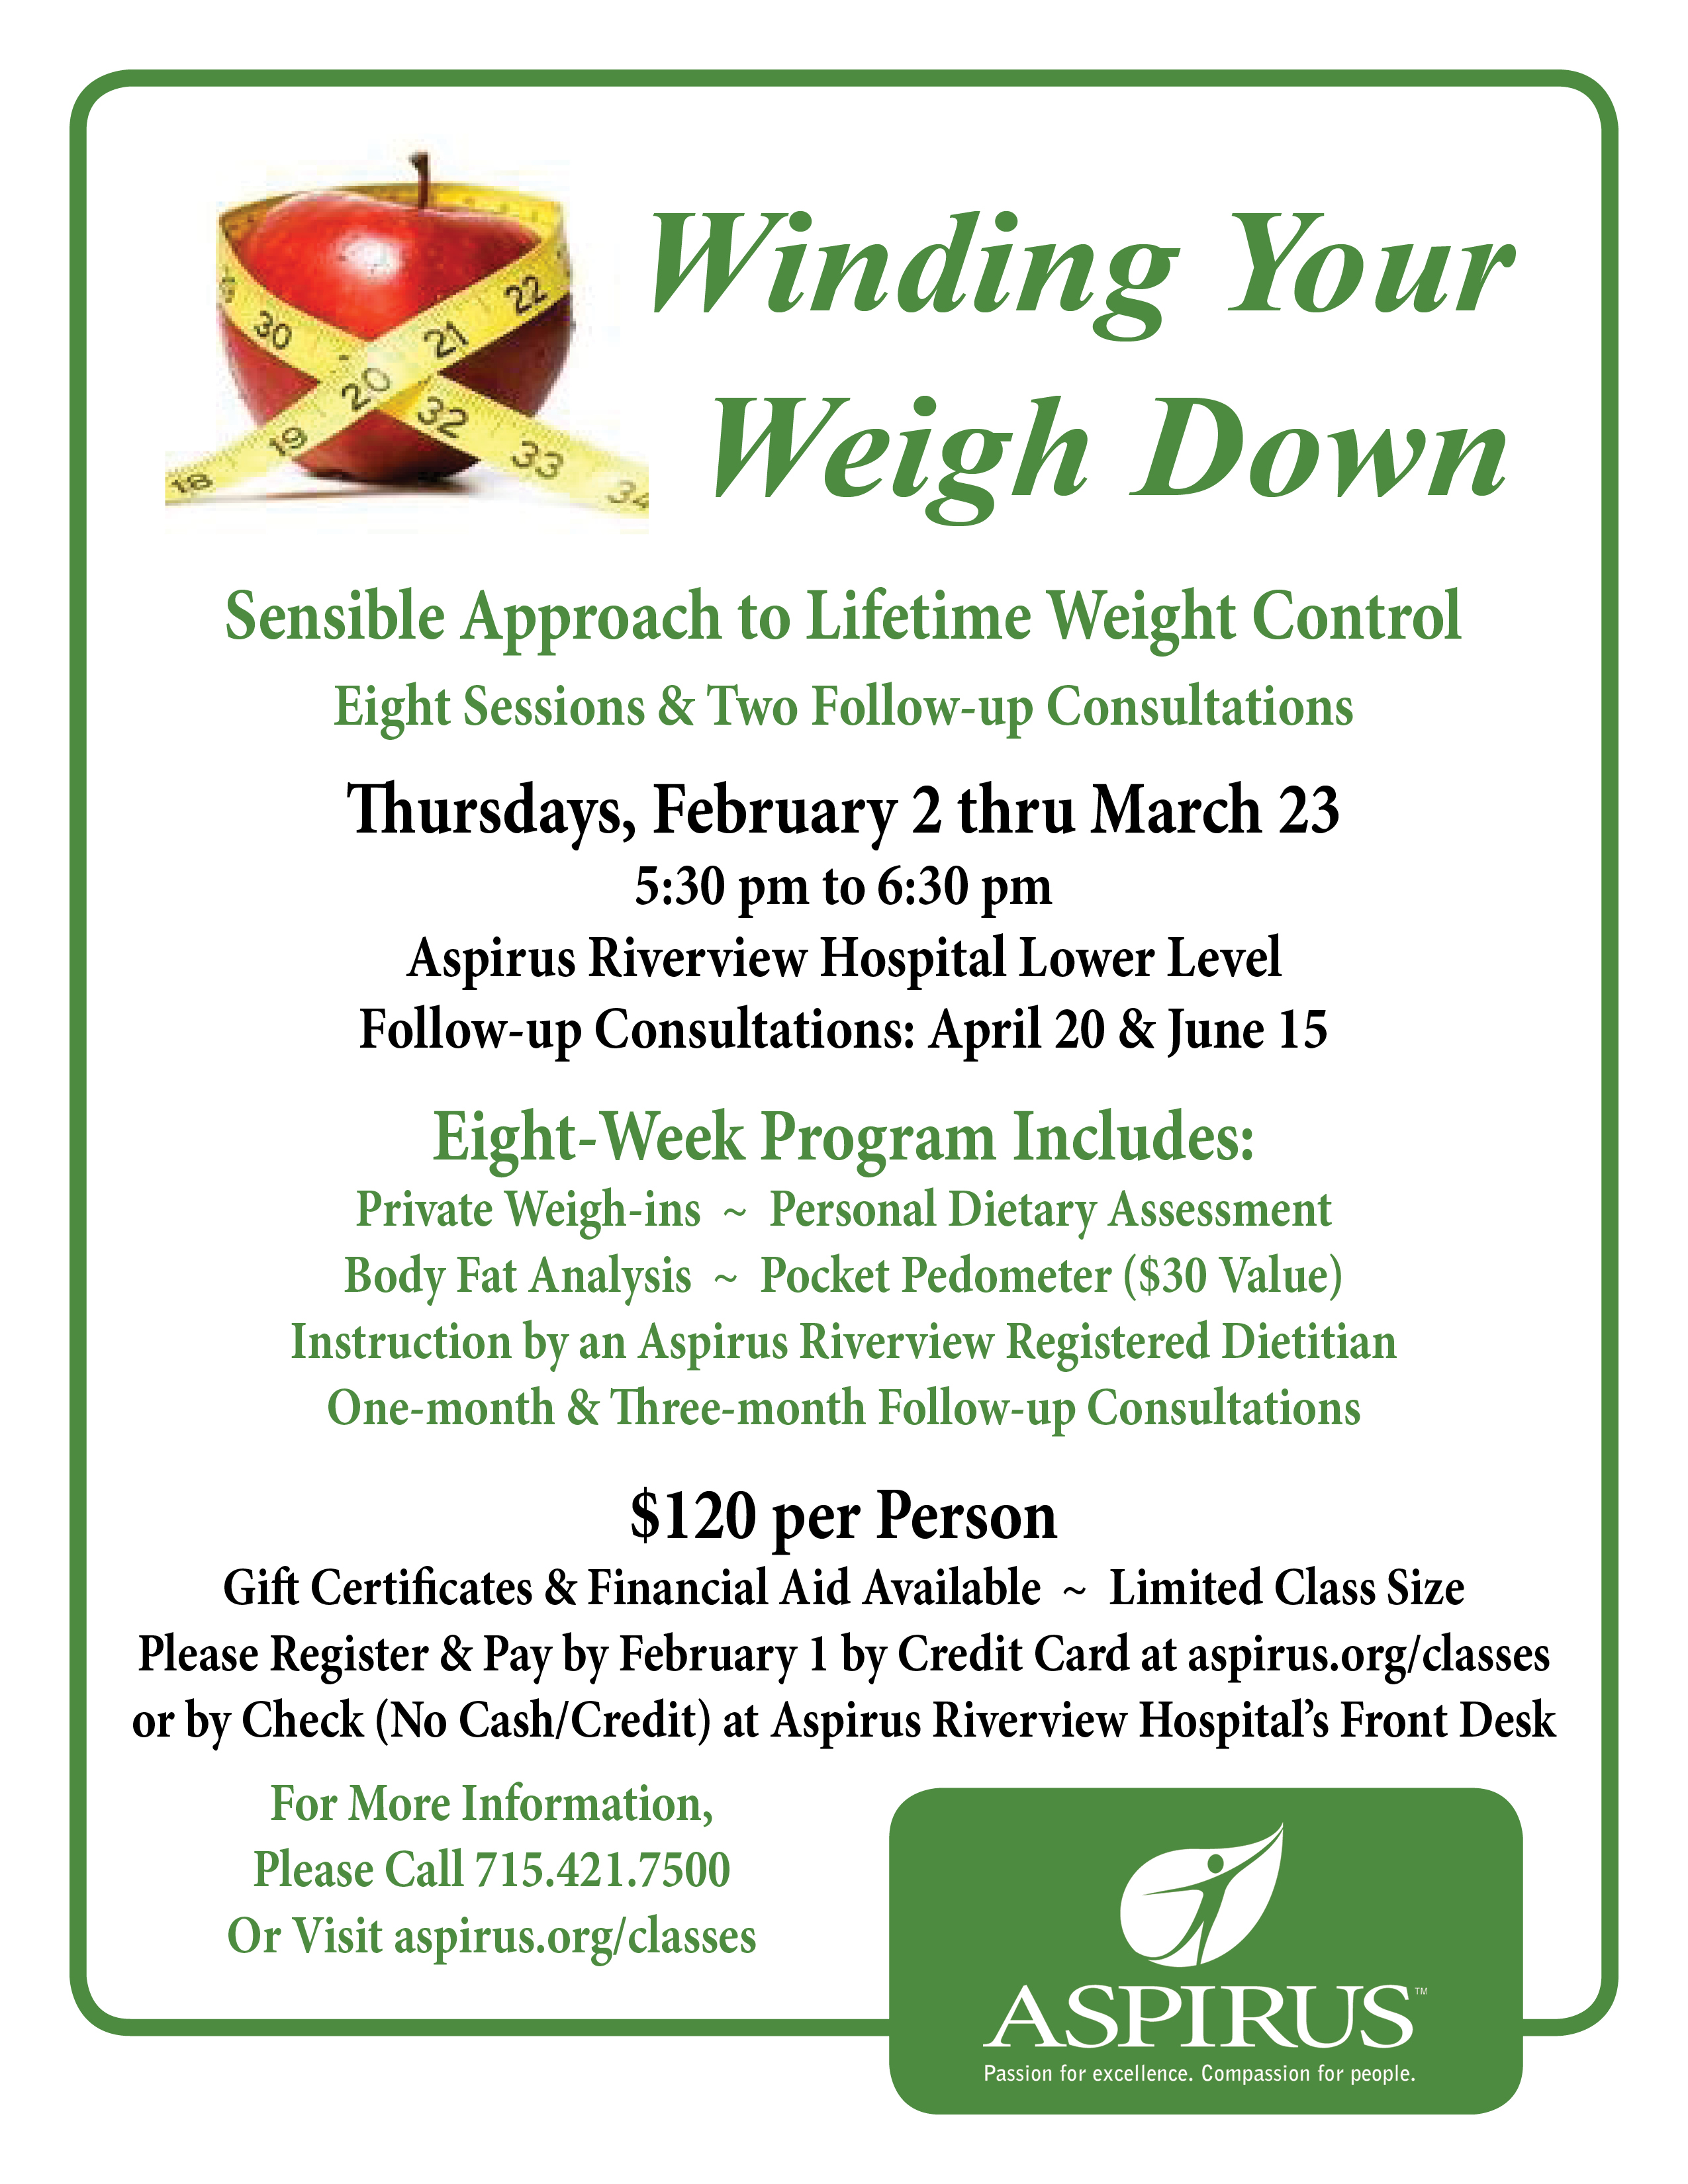 Free 21 day diet plan image 4